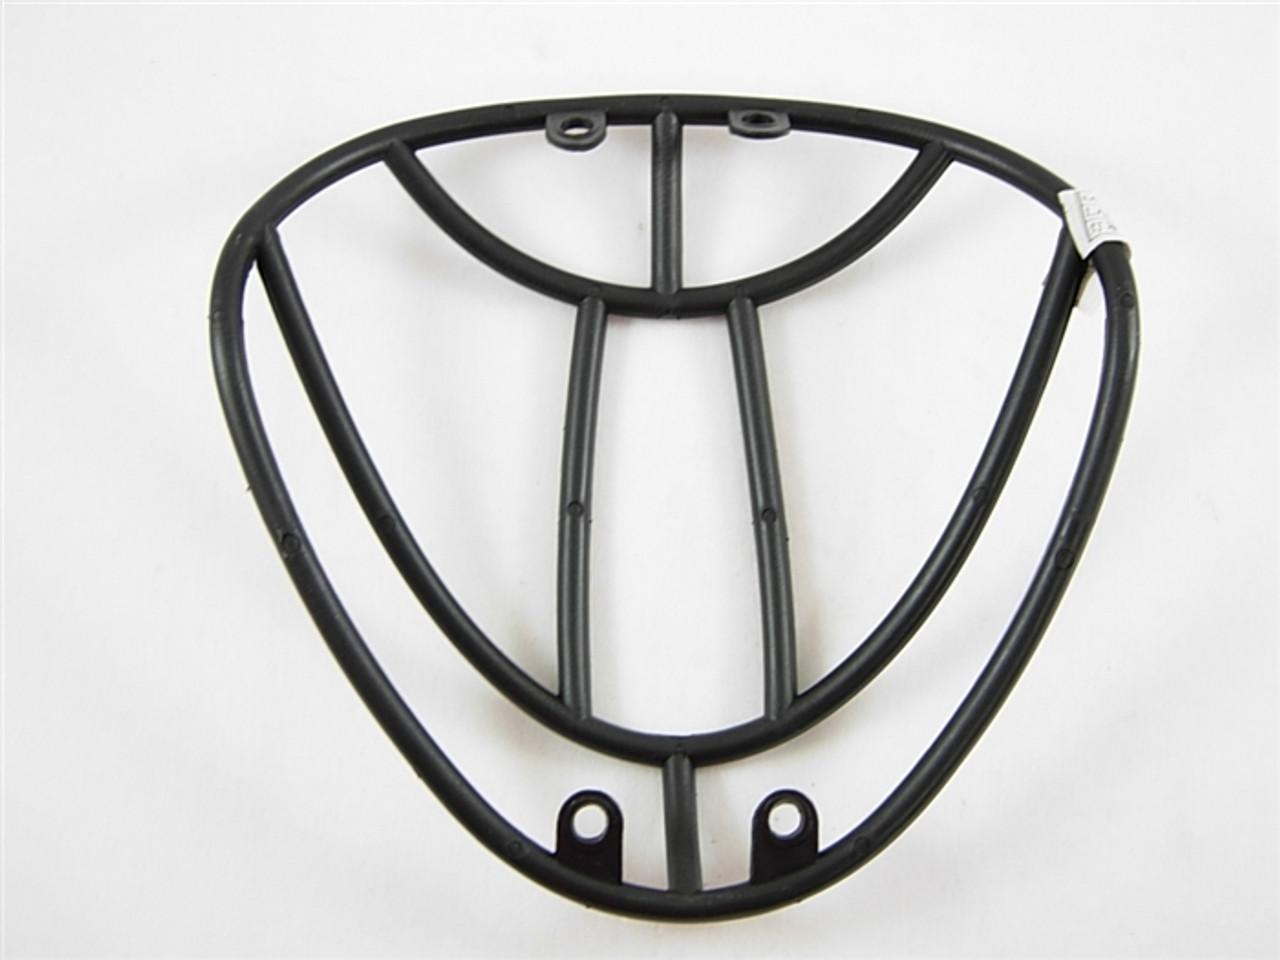 headlight guard/grill/mask 11857-a104-3